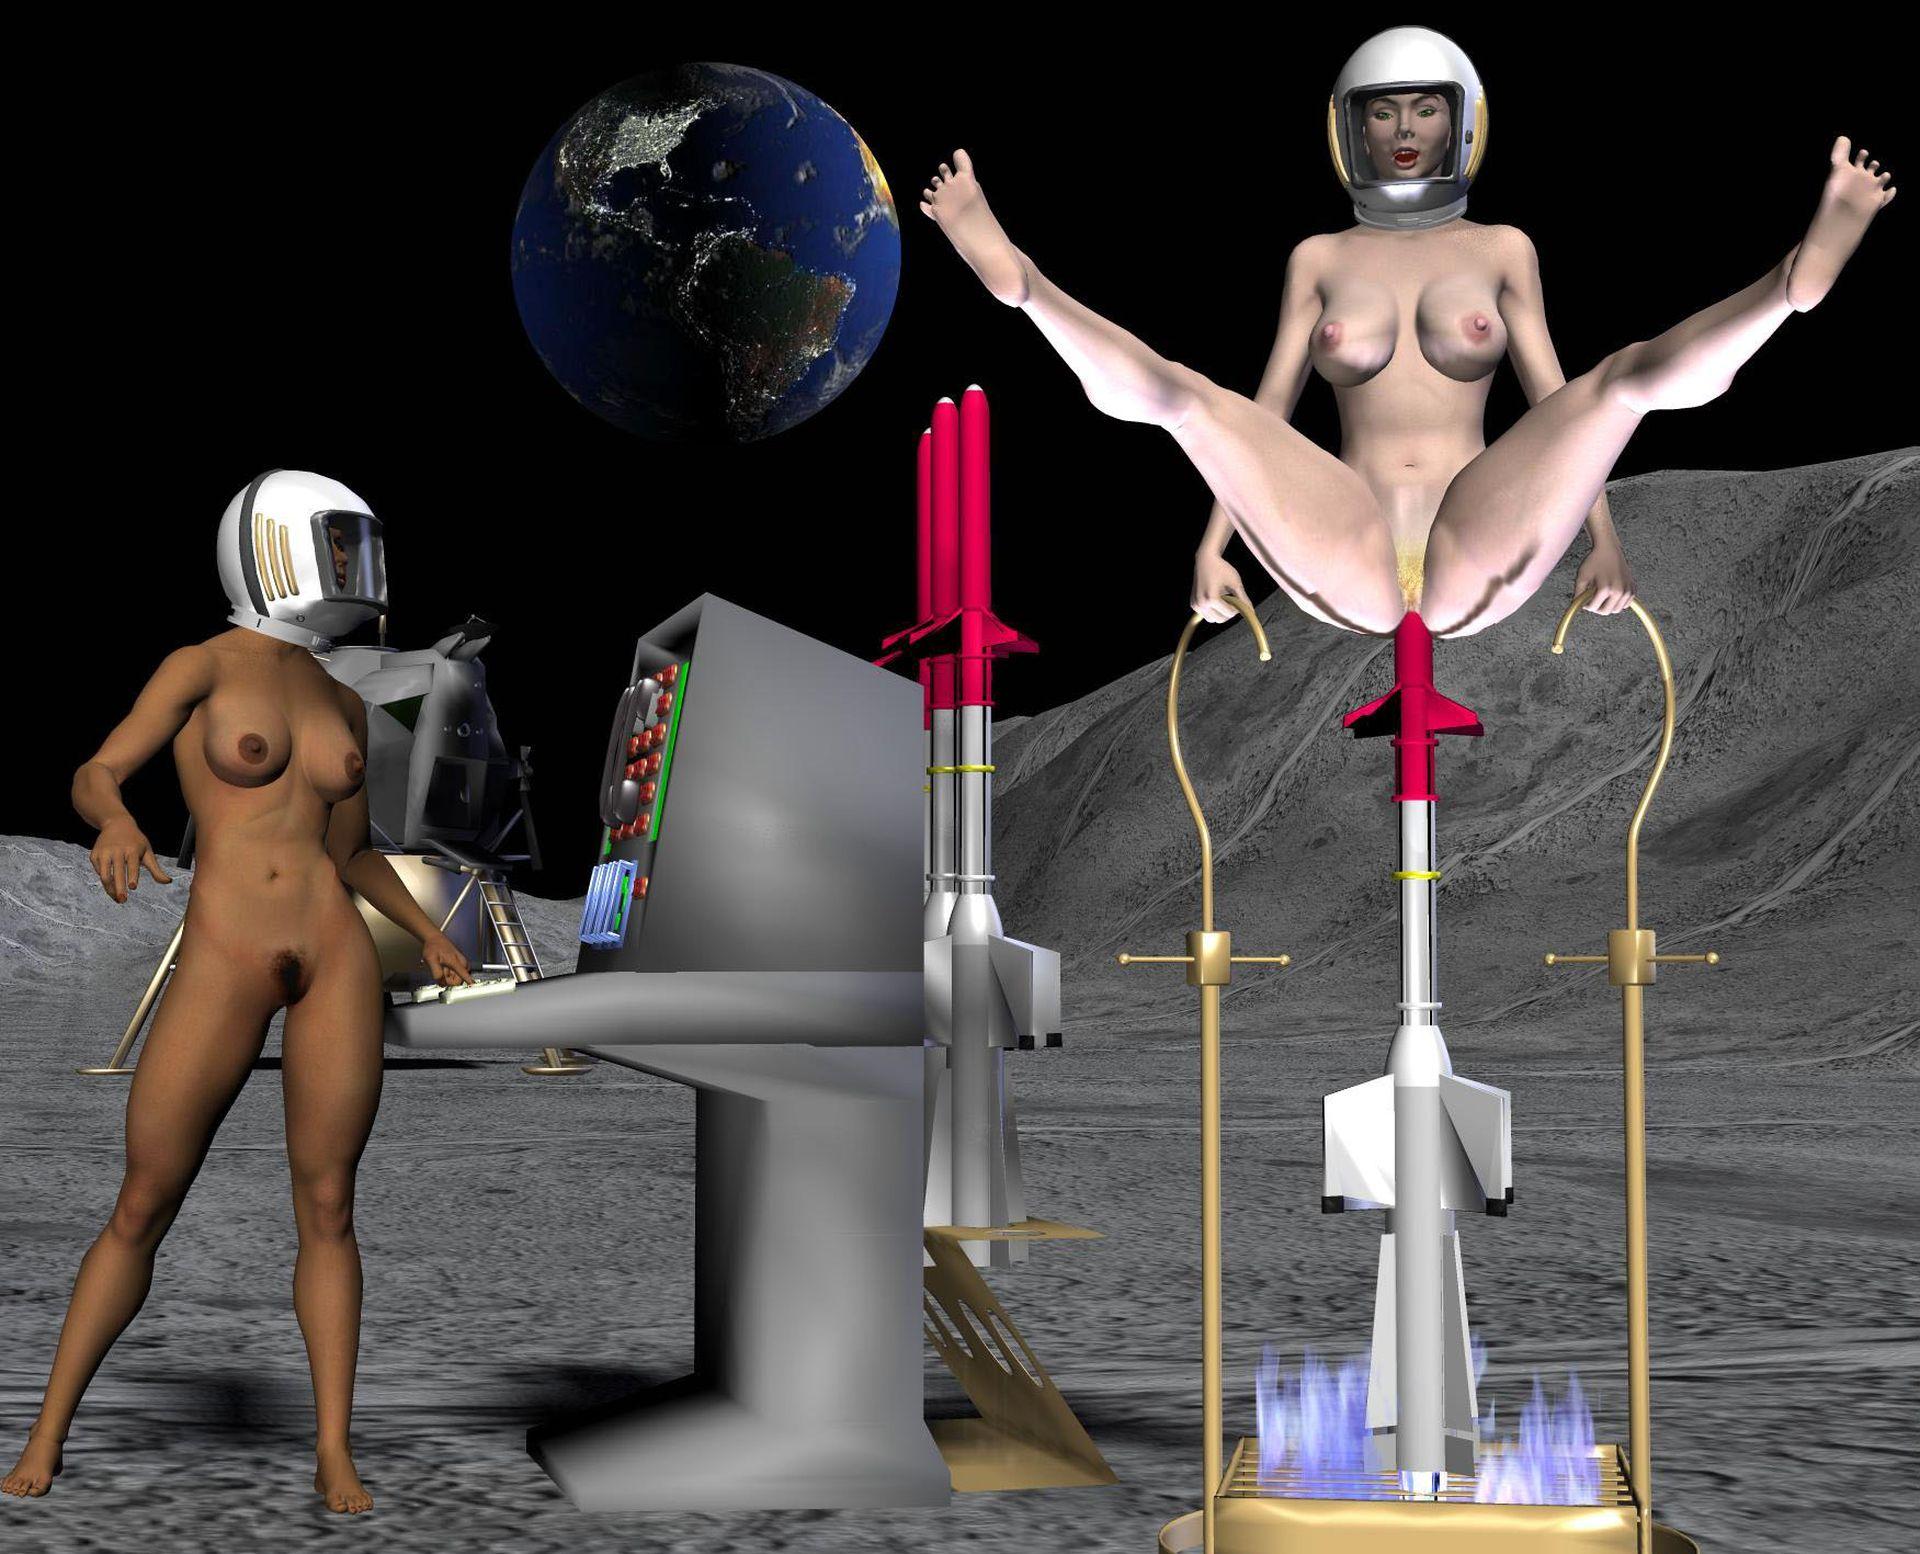 kosmicheskiy-seks-video